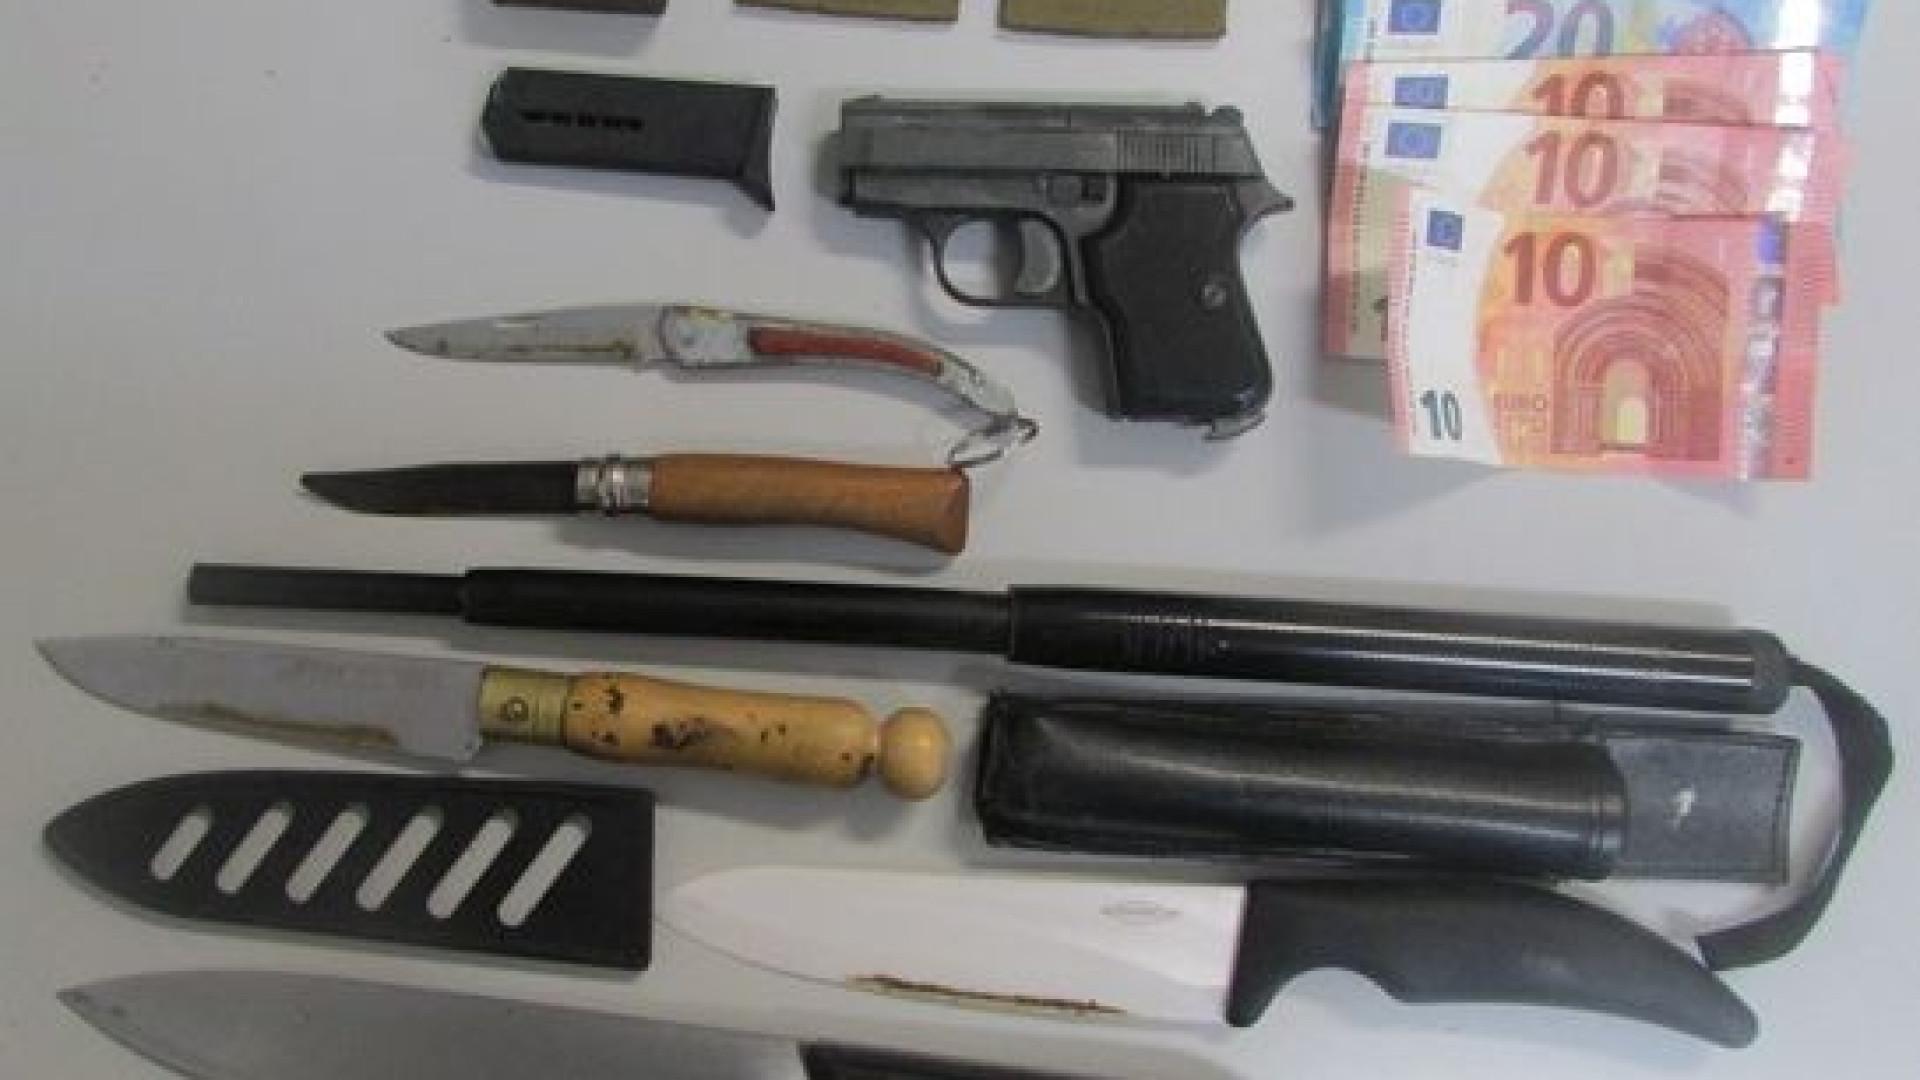 Traficante de droga apanhado com navalhas e um bastão